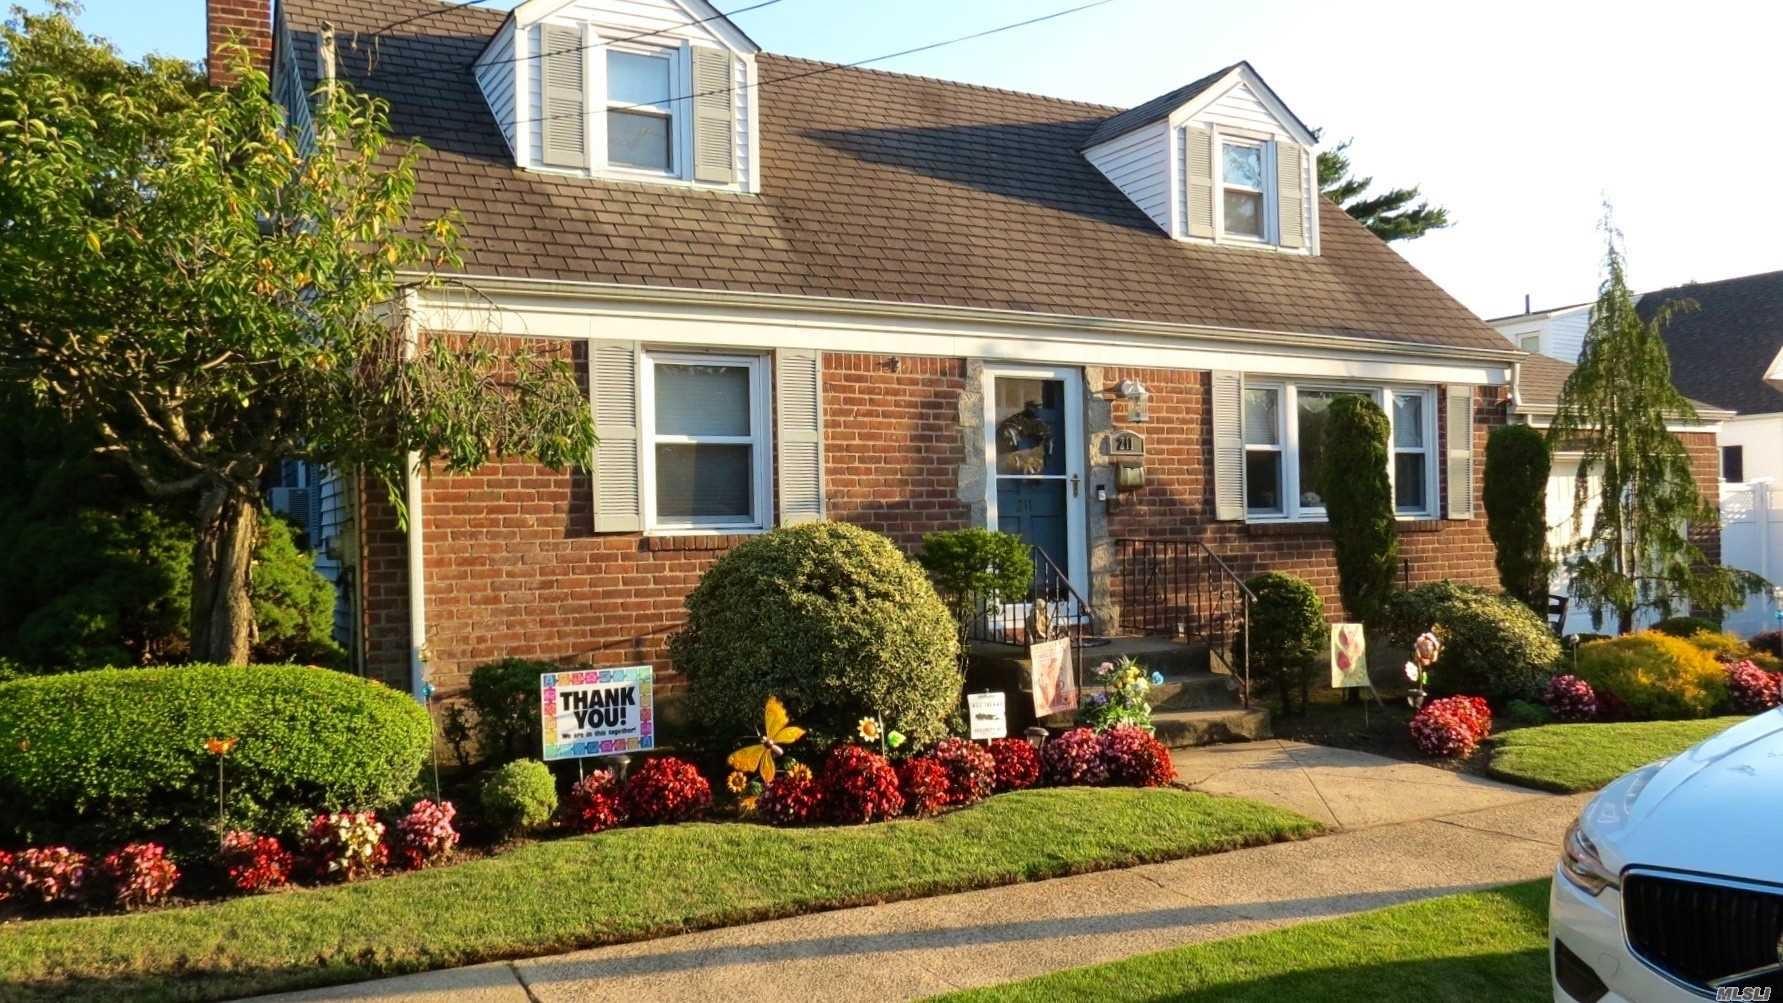 211 Marshall Ave, West Hempstead, NY 11552 - MLS#: 3238242